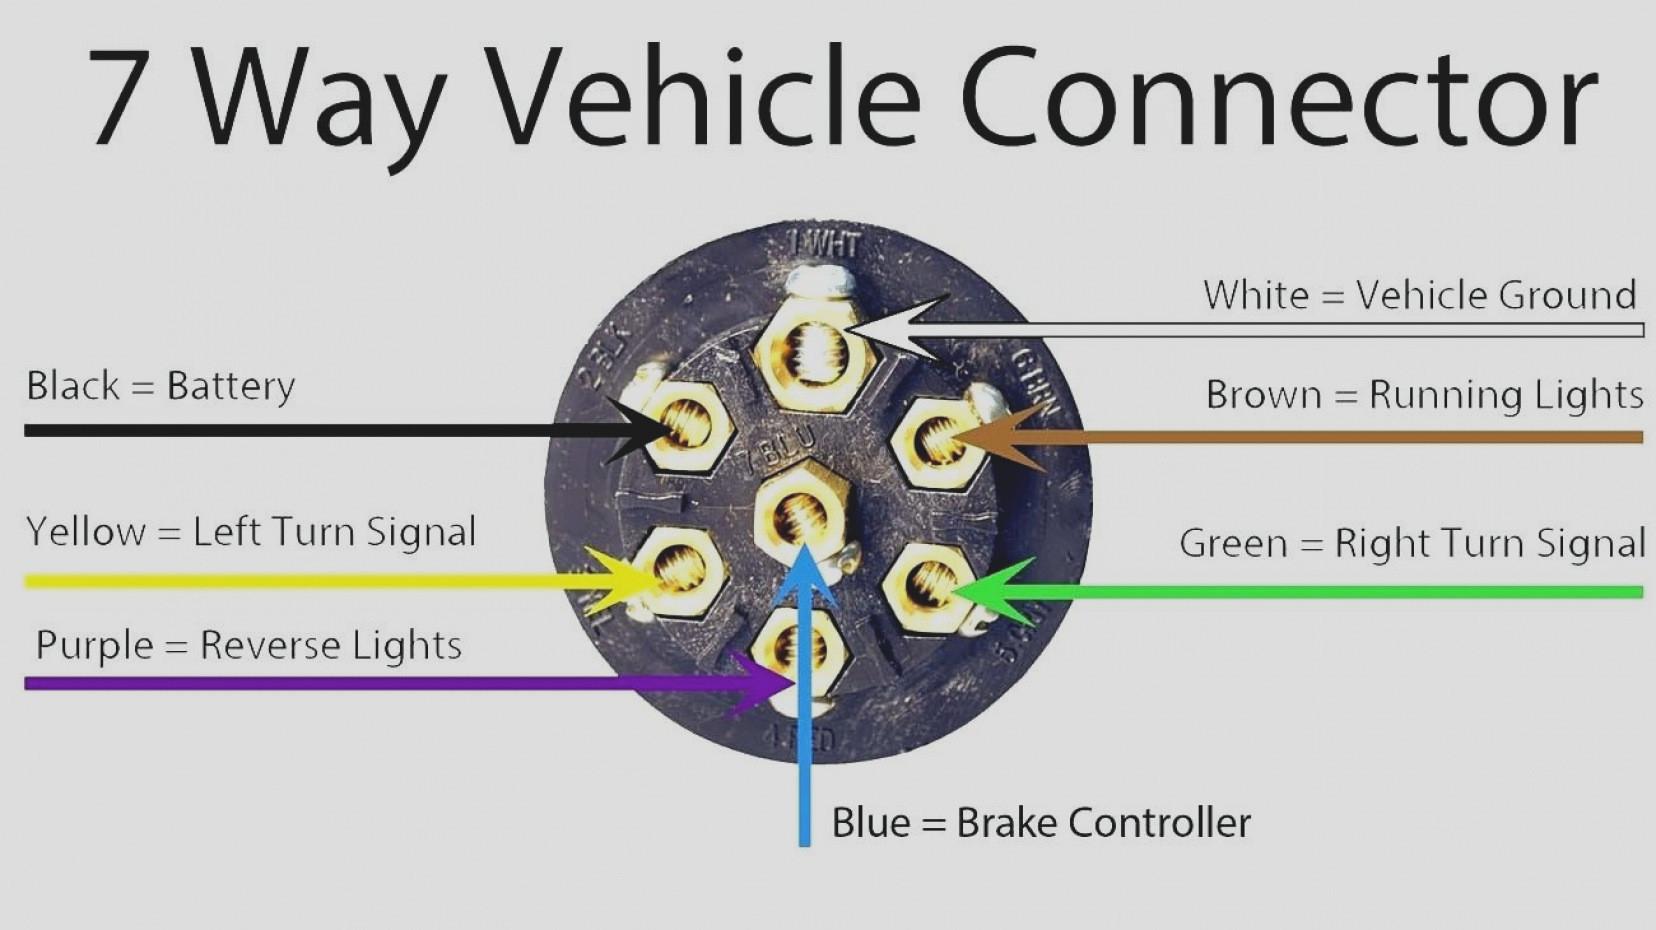 7 Way Trailer Wiring Diagram 7 Pin Trailer Wiring Harness Wiring Diagram Save